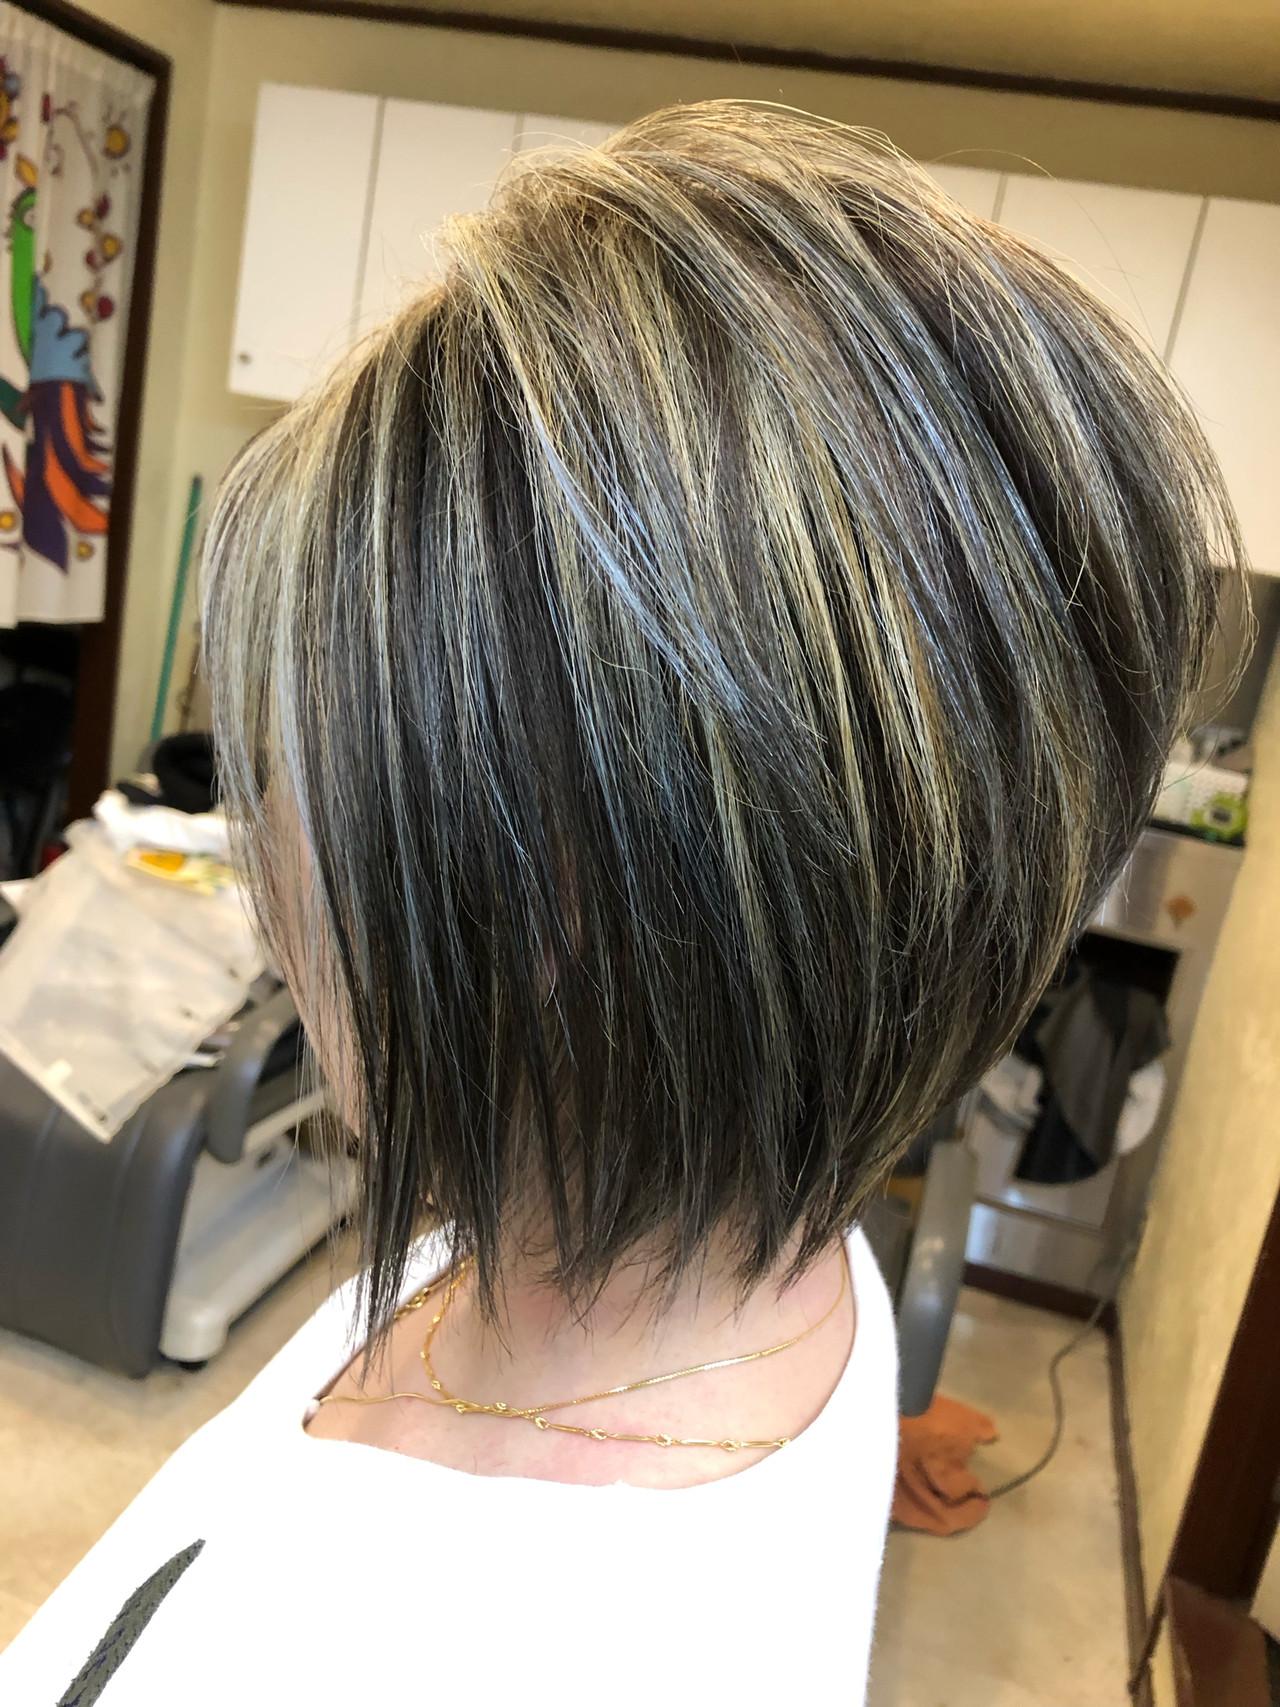 ハイライト ナチュラル ボブ 西海岸風 ヘアスタイルや髪型の写真・画像 | TMe hair/tomoe chiba / TMe hair川崎小田